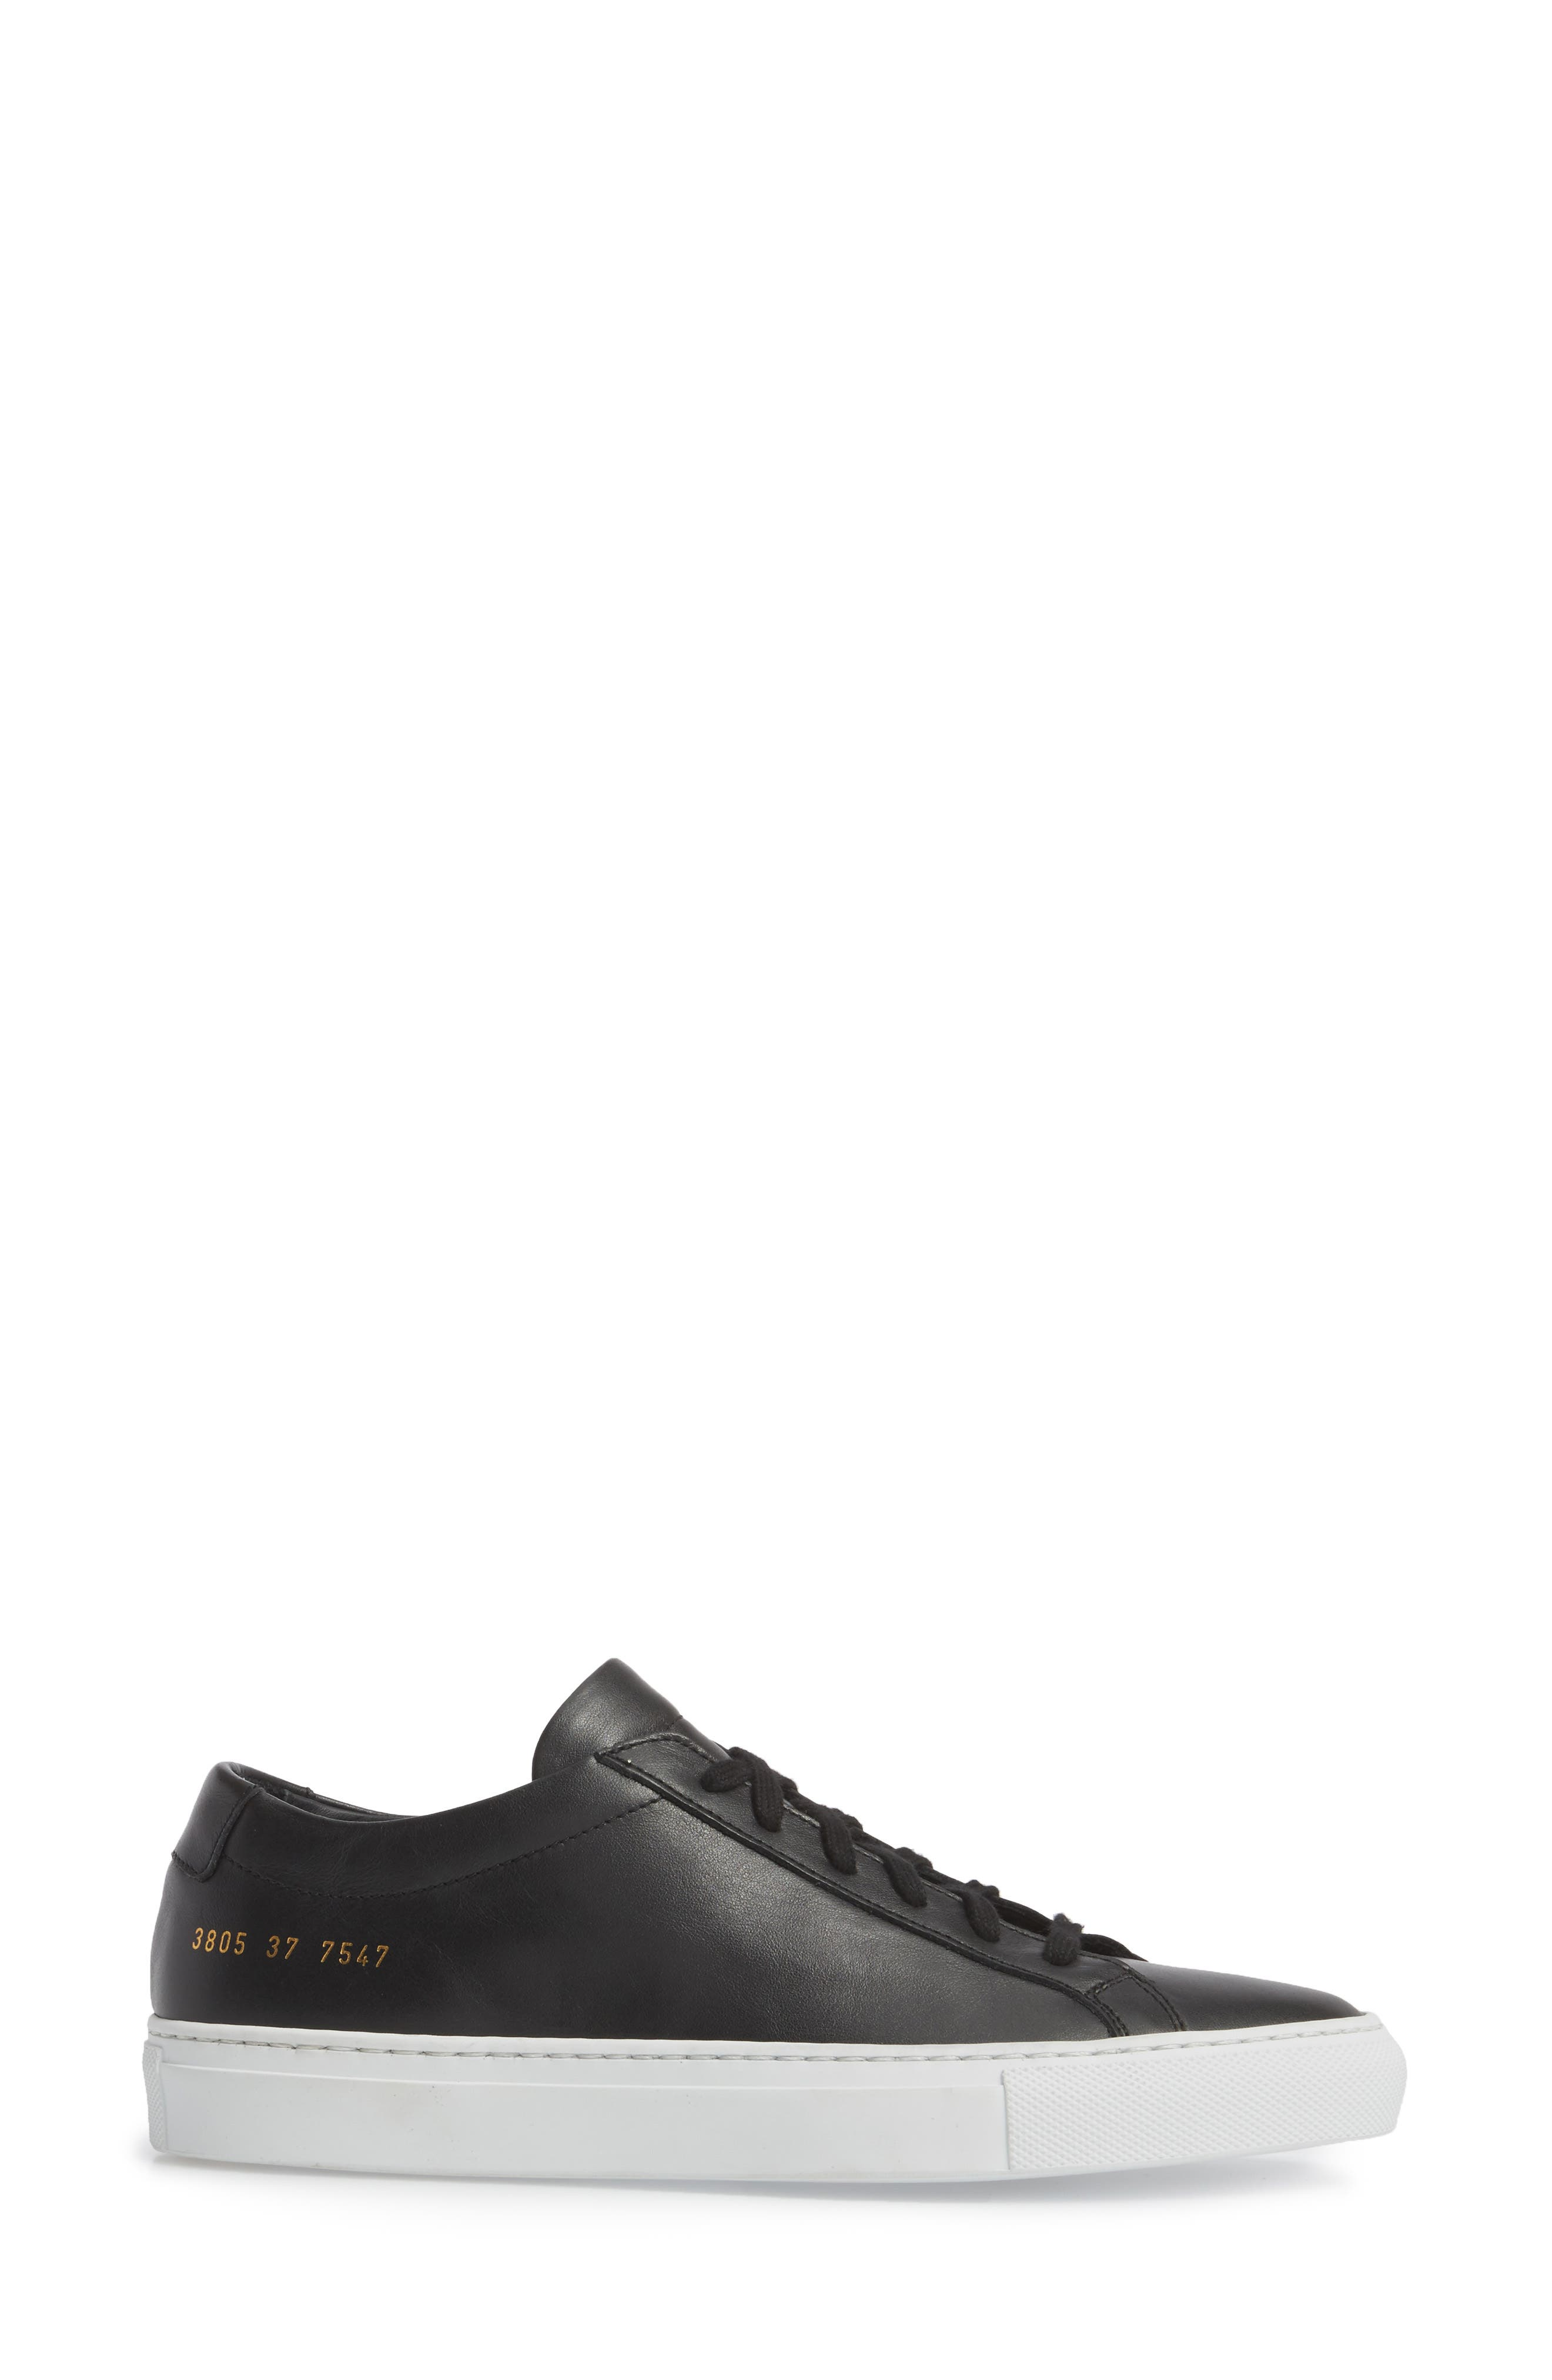 COMMON PROJECTS, Original Achilles Low Sneaker, Alternate thumbnail 3, color, BLACK